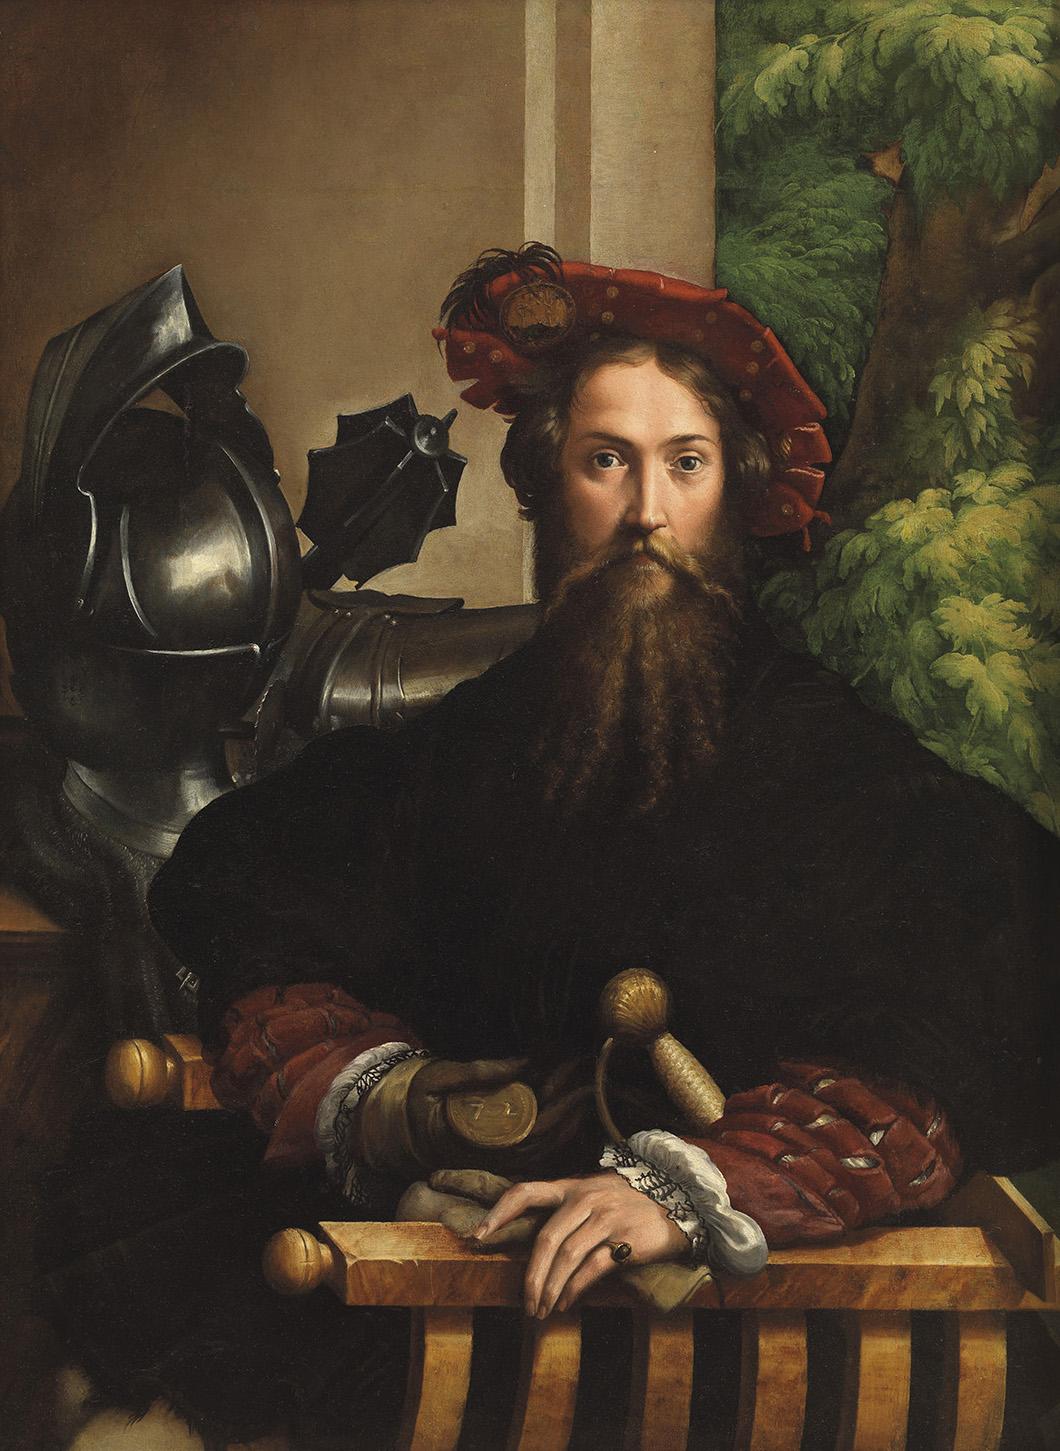 Parmigianino, Portrait de Galeazzo Sanvitale, peinture à l'huile sur toile, 1524, Museo e Real Bosco di Capodimonte. © Luciano Romano